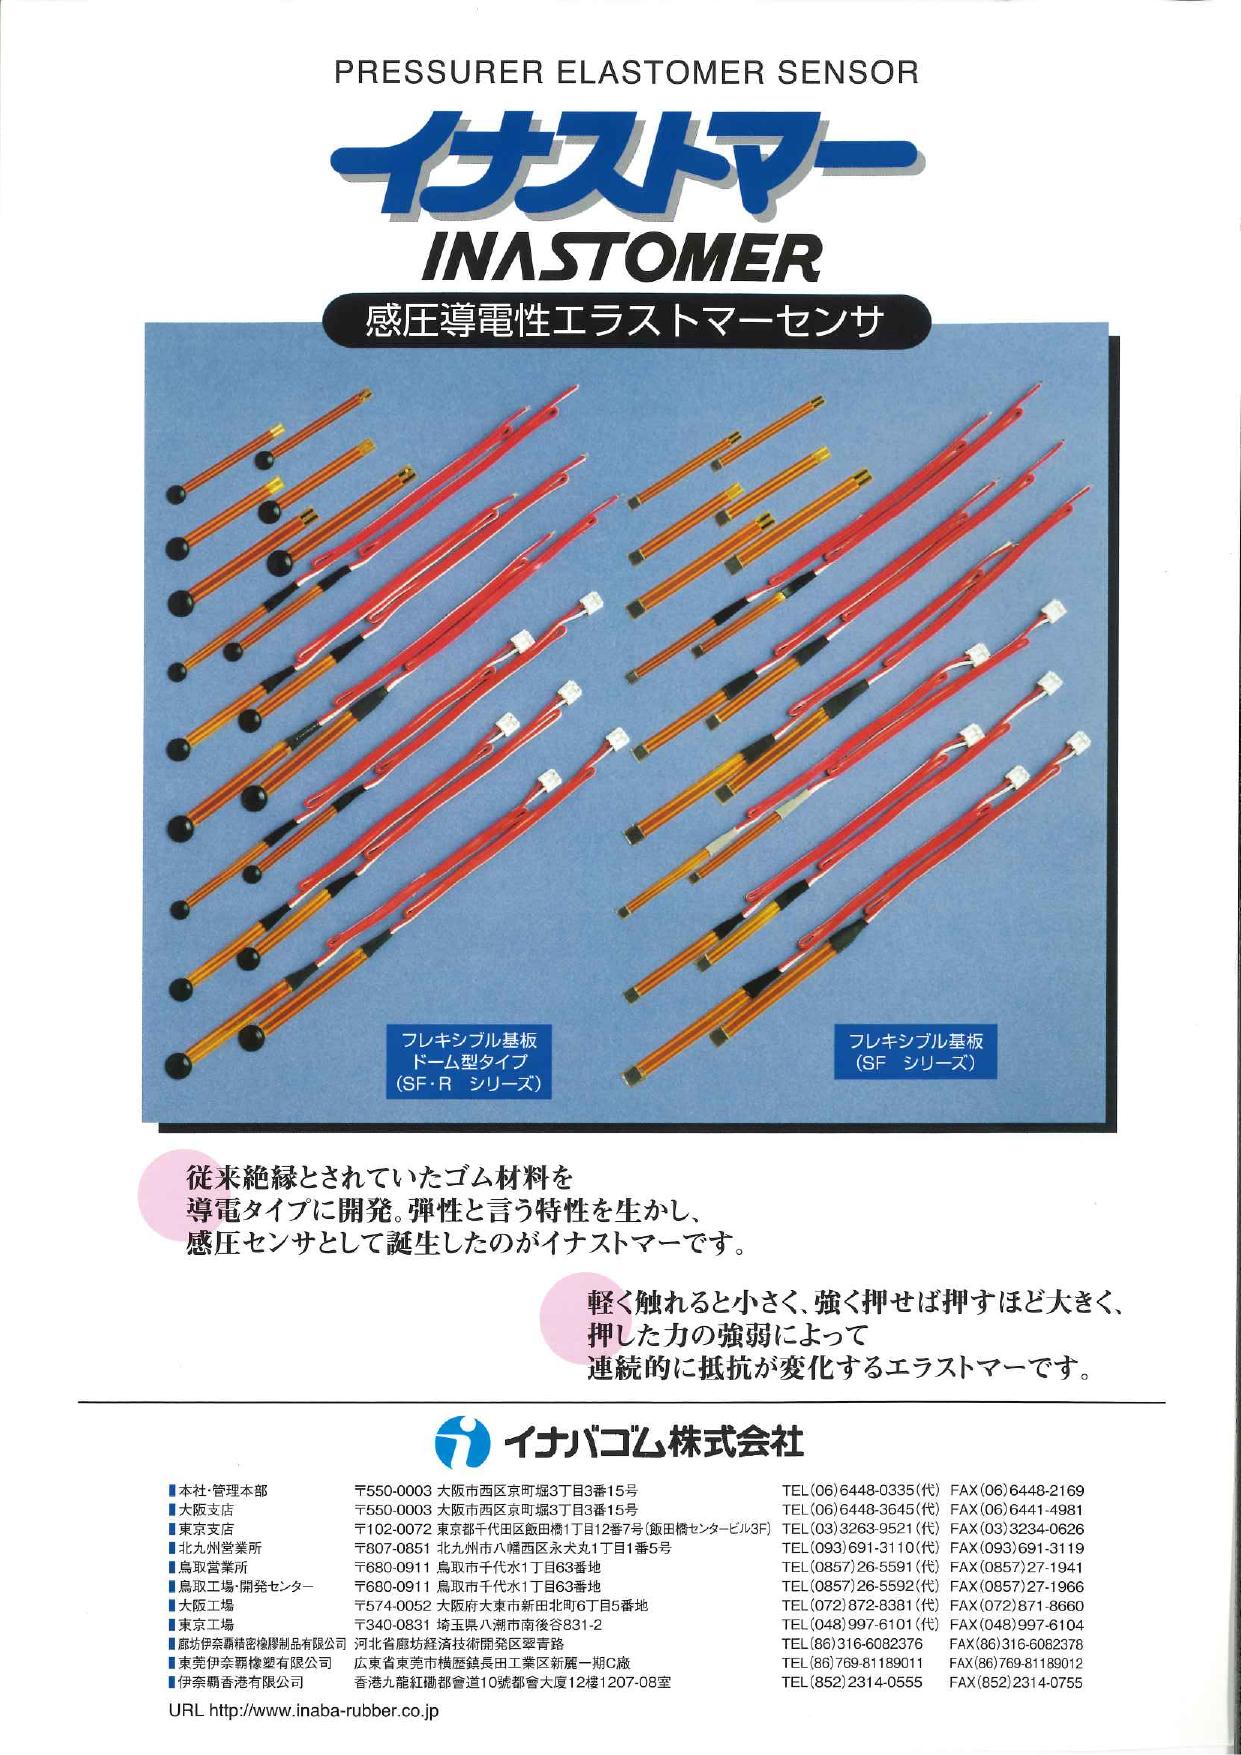 感圧導電性ゴムセンサ イナストマーSFシリーズ/SF-Rシリーズ